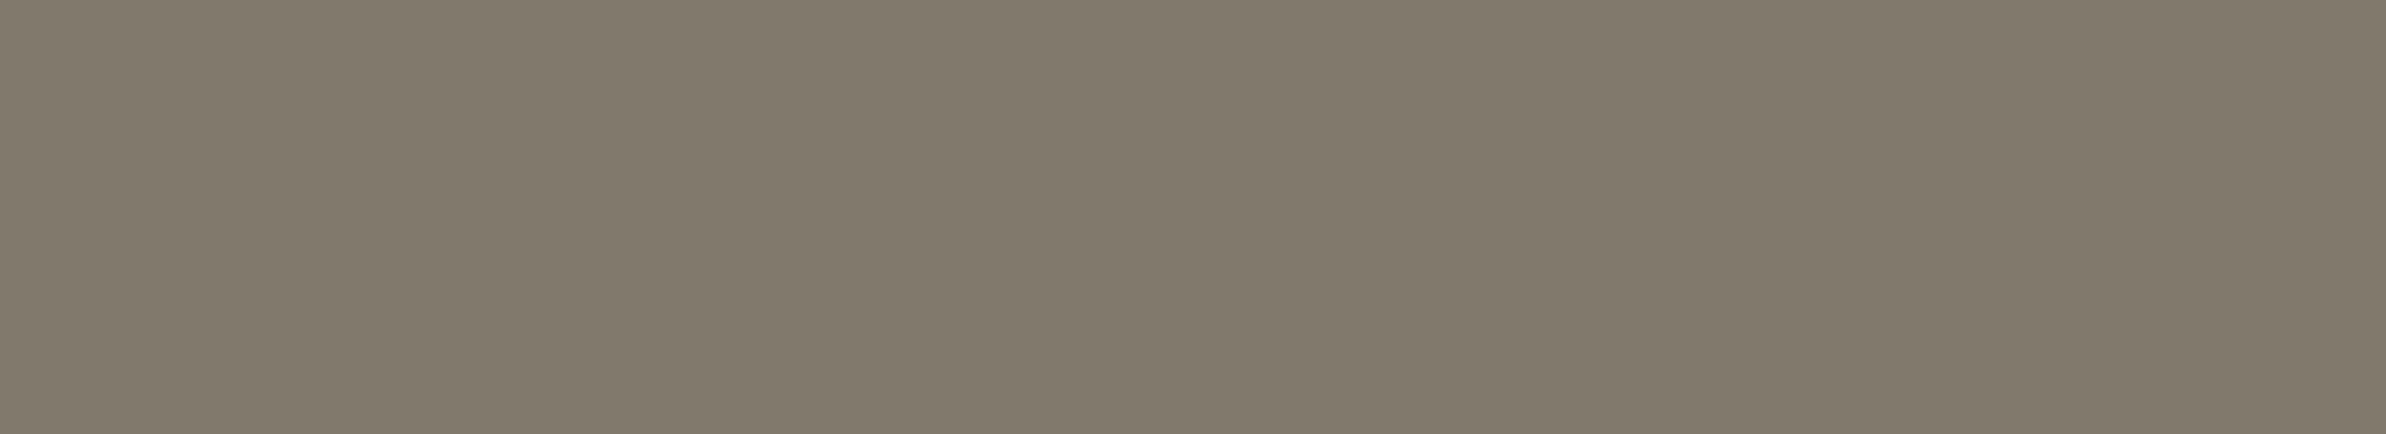 #2182 @ 3% - Grey